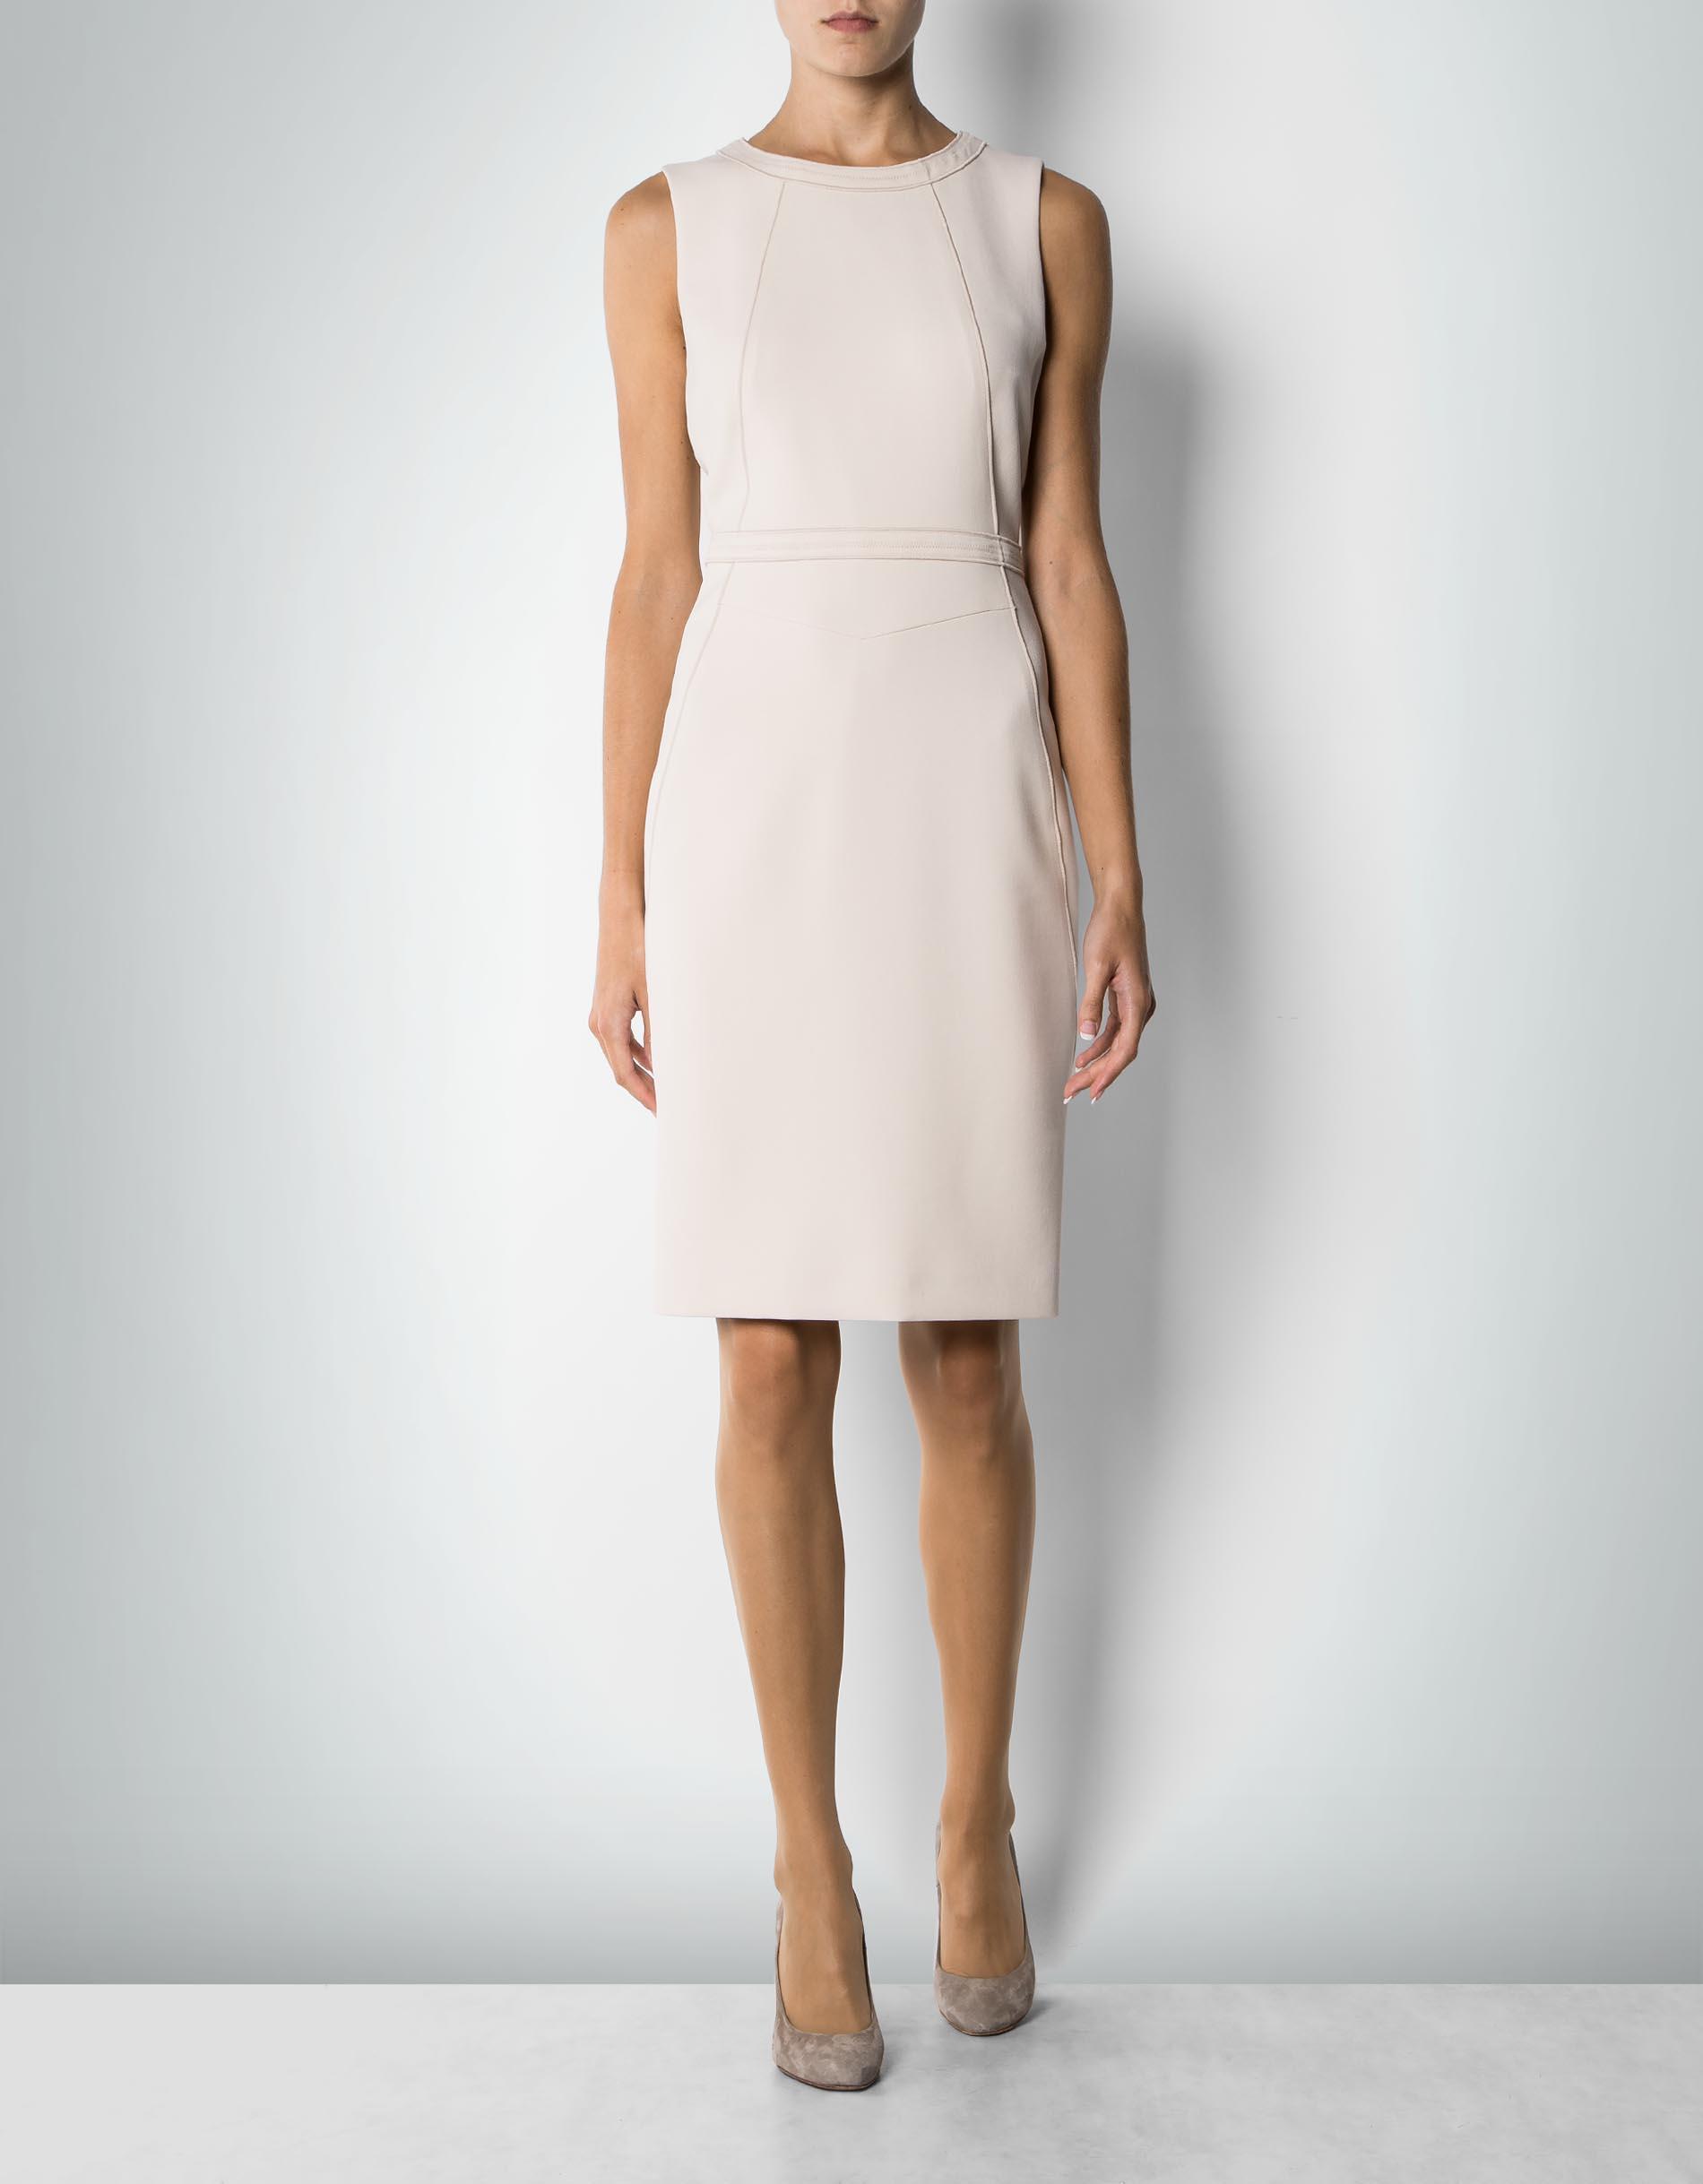 Rene Lezard Damen Kleid Im Etui Stil Empfohlen Von Deinen Schwestern 19b8021696